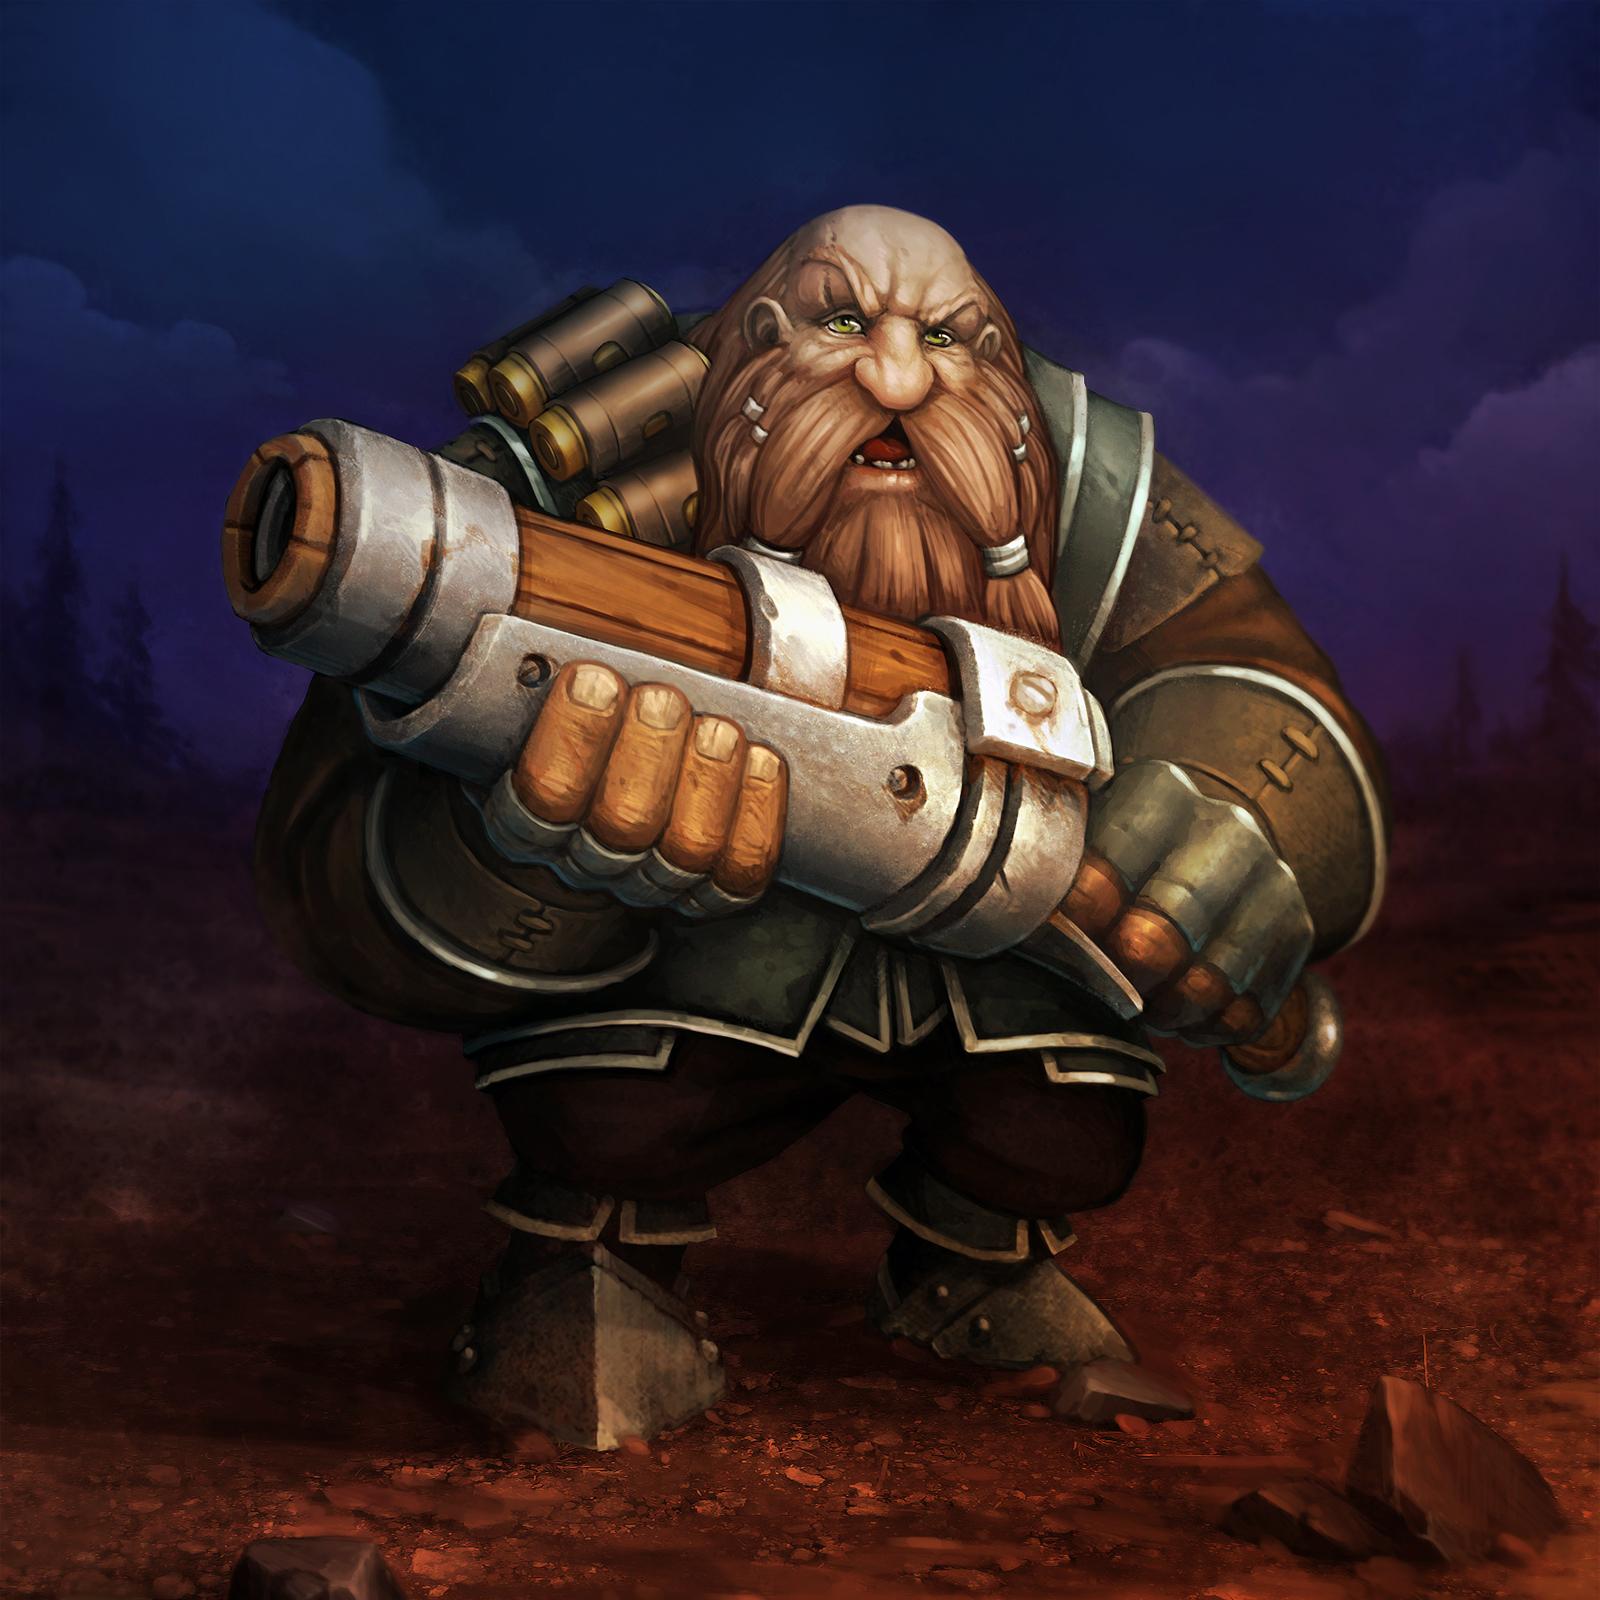 Dwarf xxx nackt picture